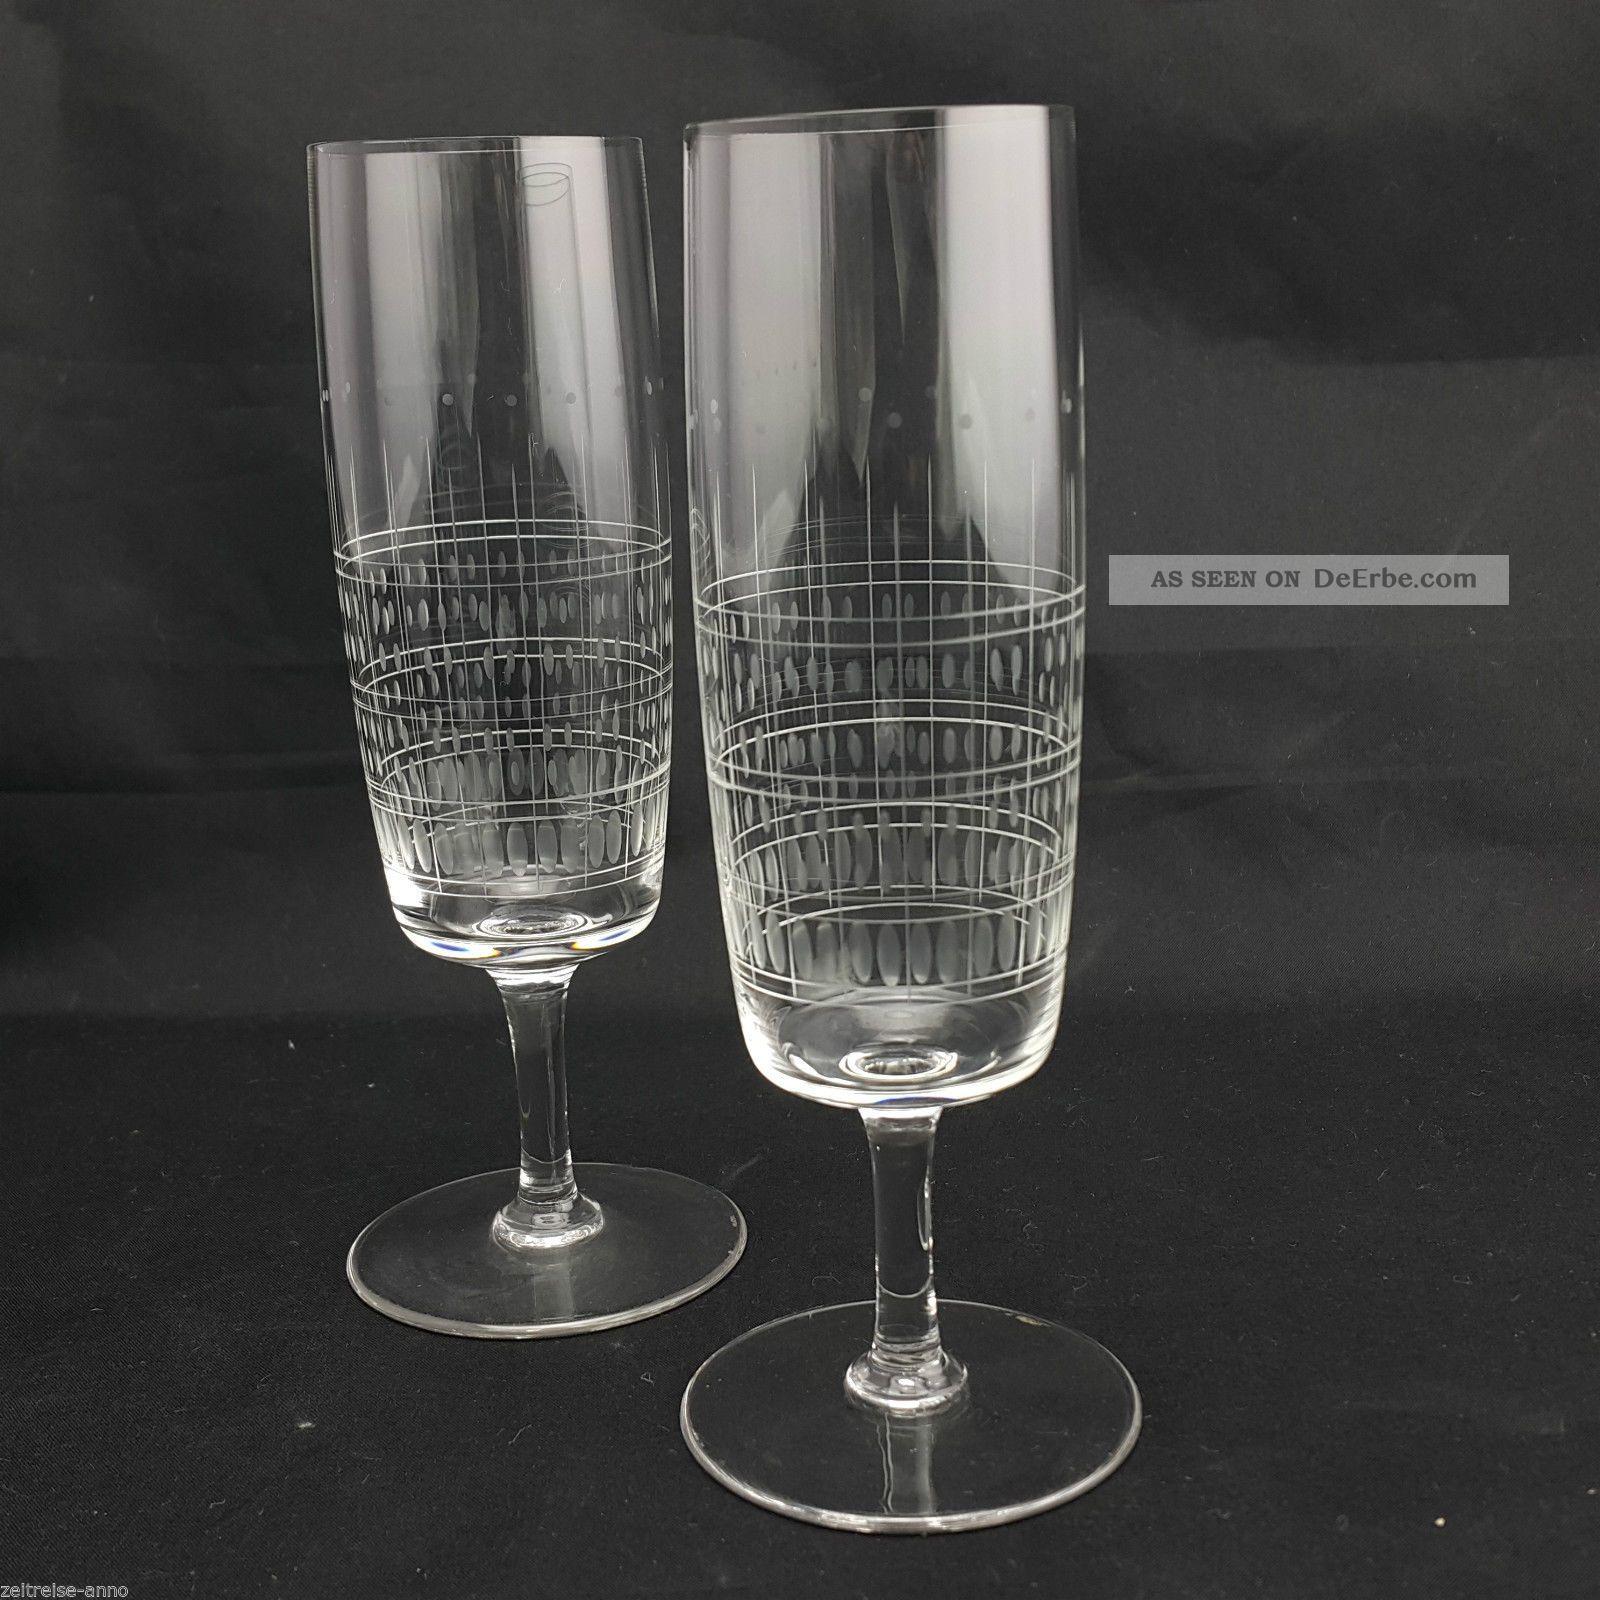 2 Kristall Sektgläser Dünnwandig Feiner Streifen Olivenschliff Vintage Design Kristall Bild